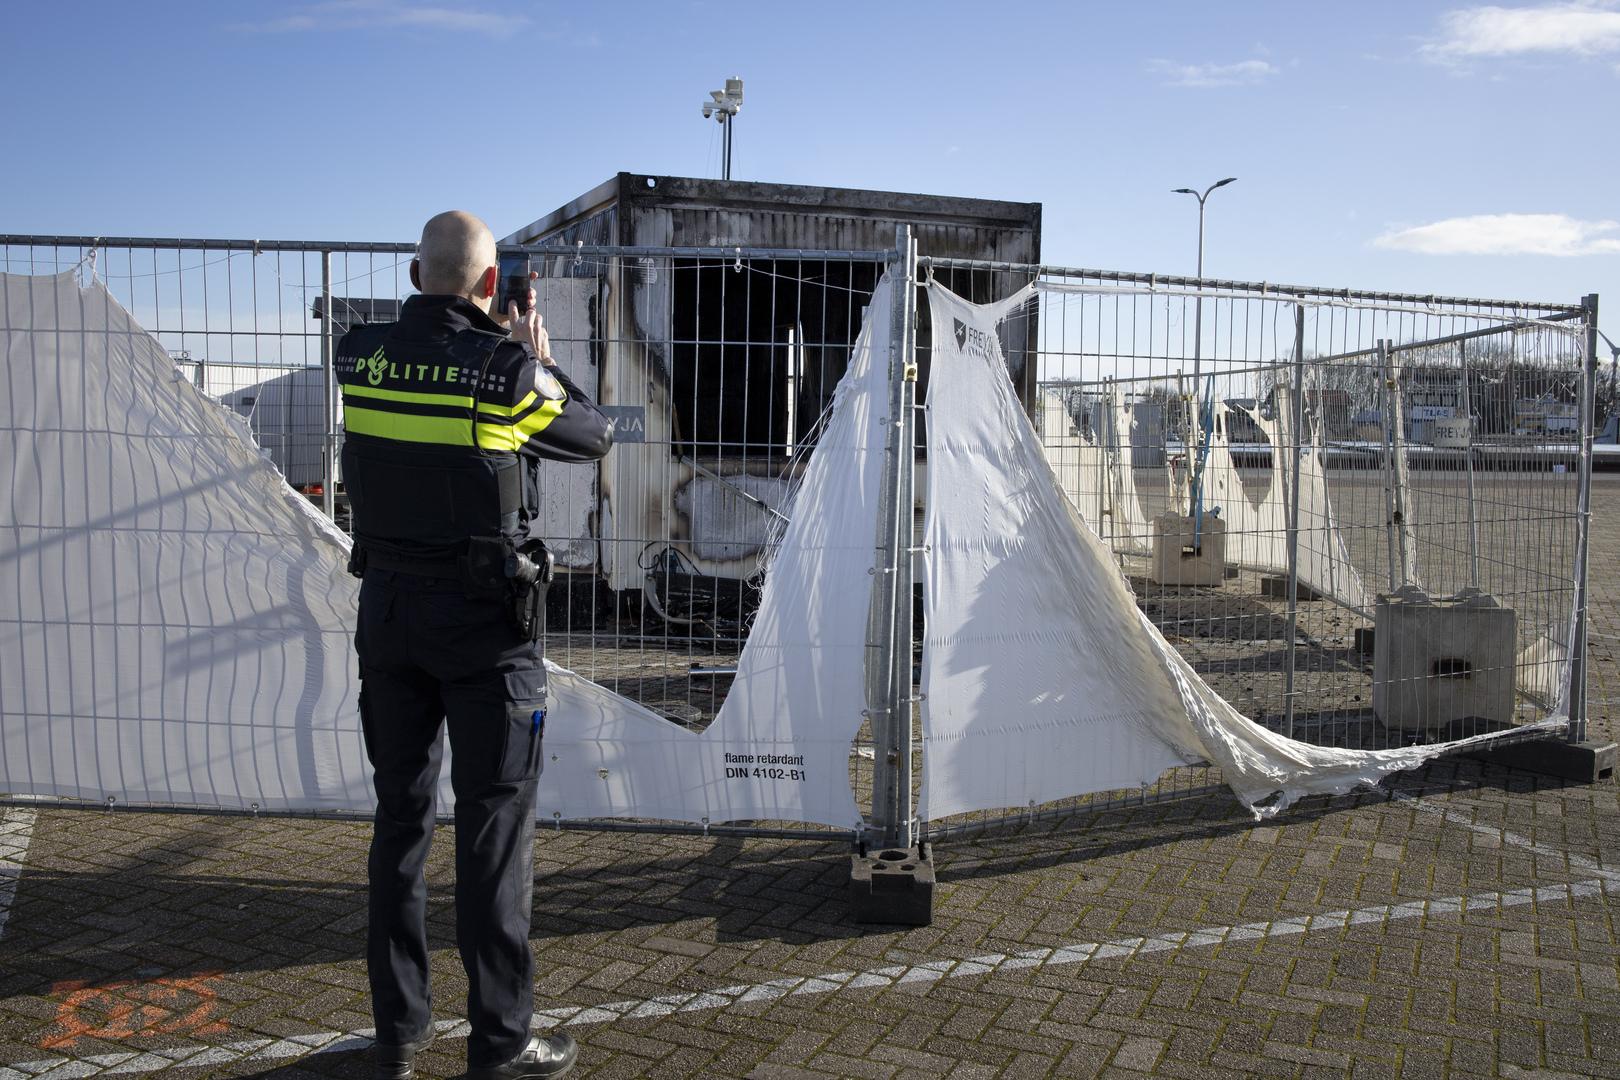 الشرطة الهولندية توقف رجلا دبر لمهاجمة مركز تطعيم ضد كورونا